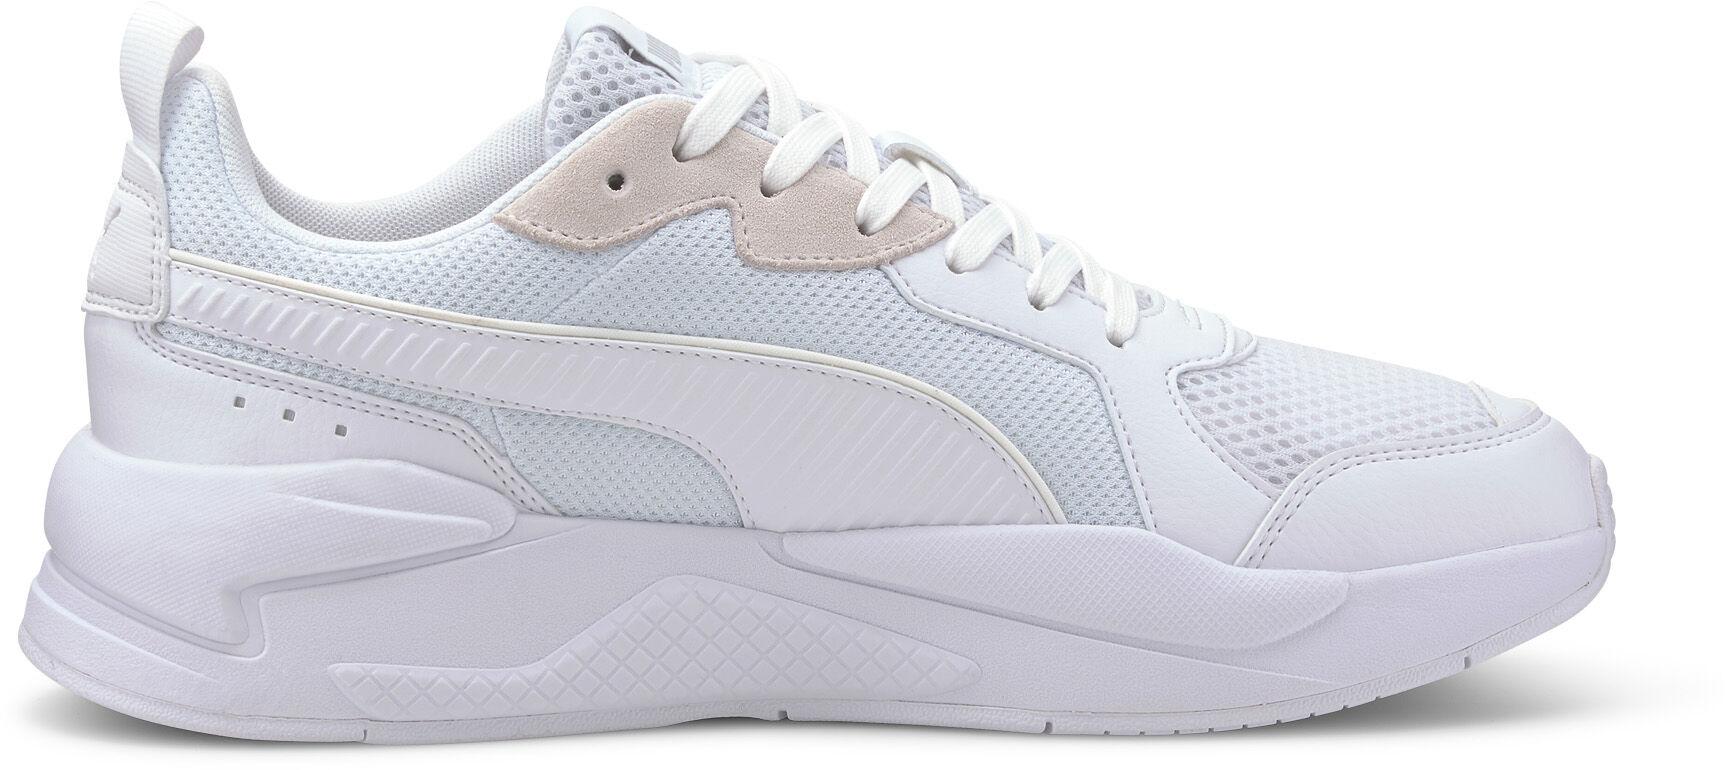 Sneakers | Kvinder | Køb sneakers til damer online